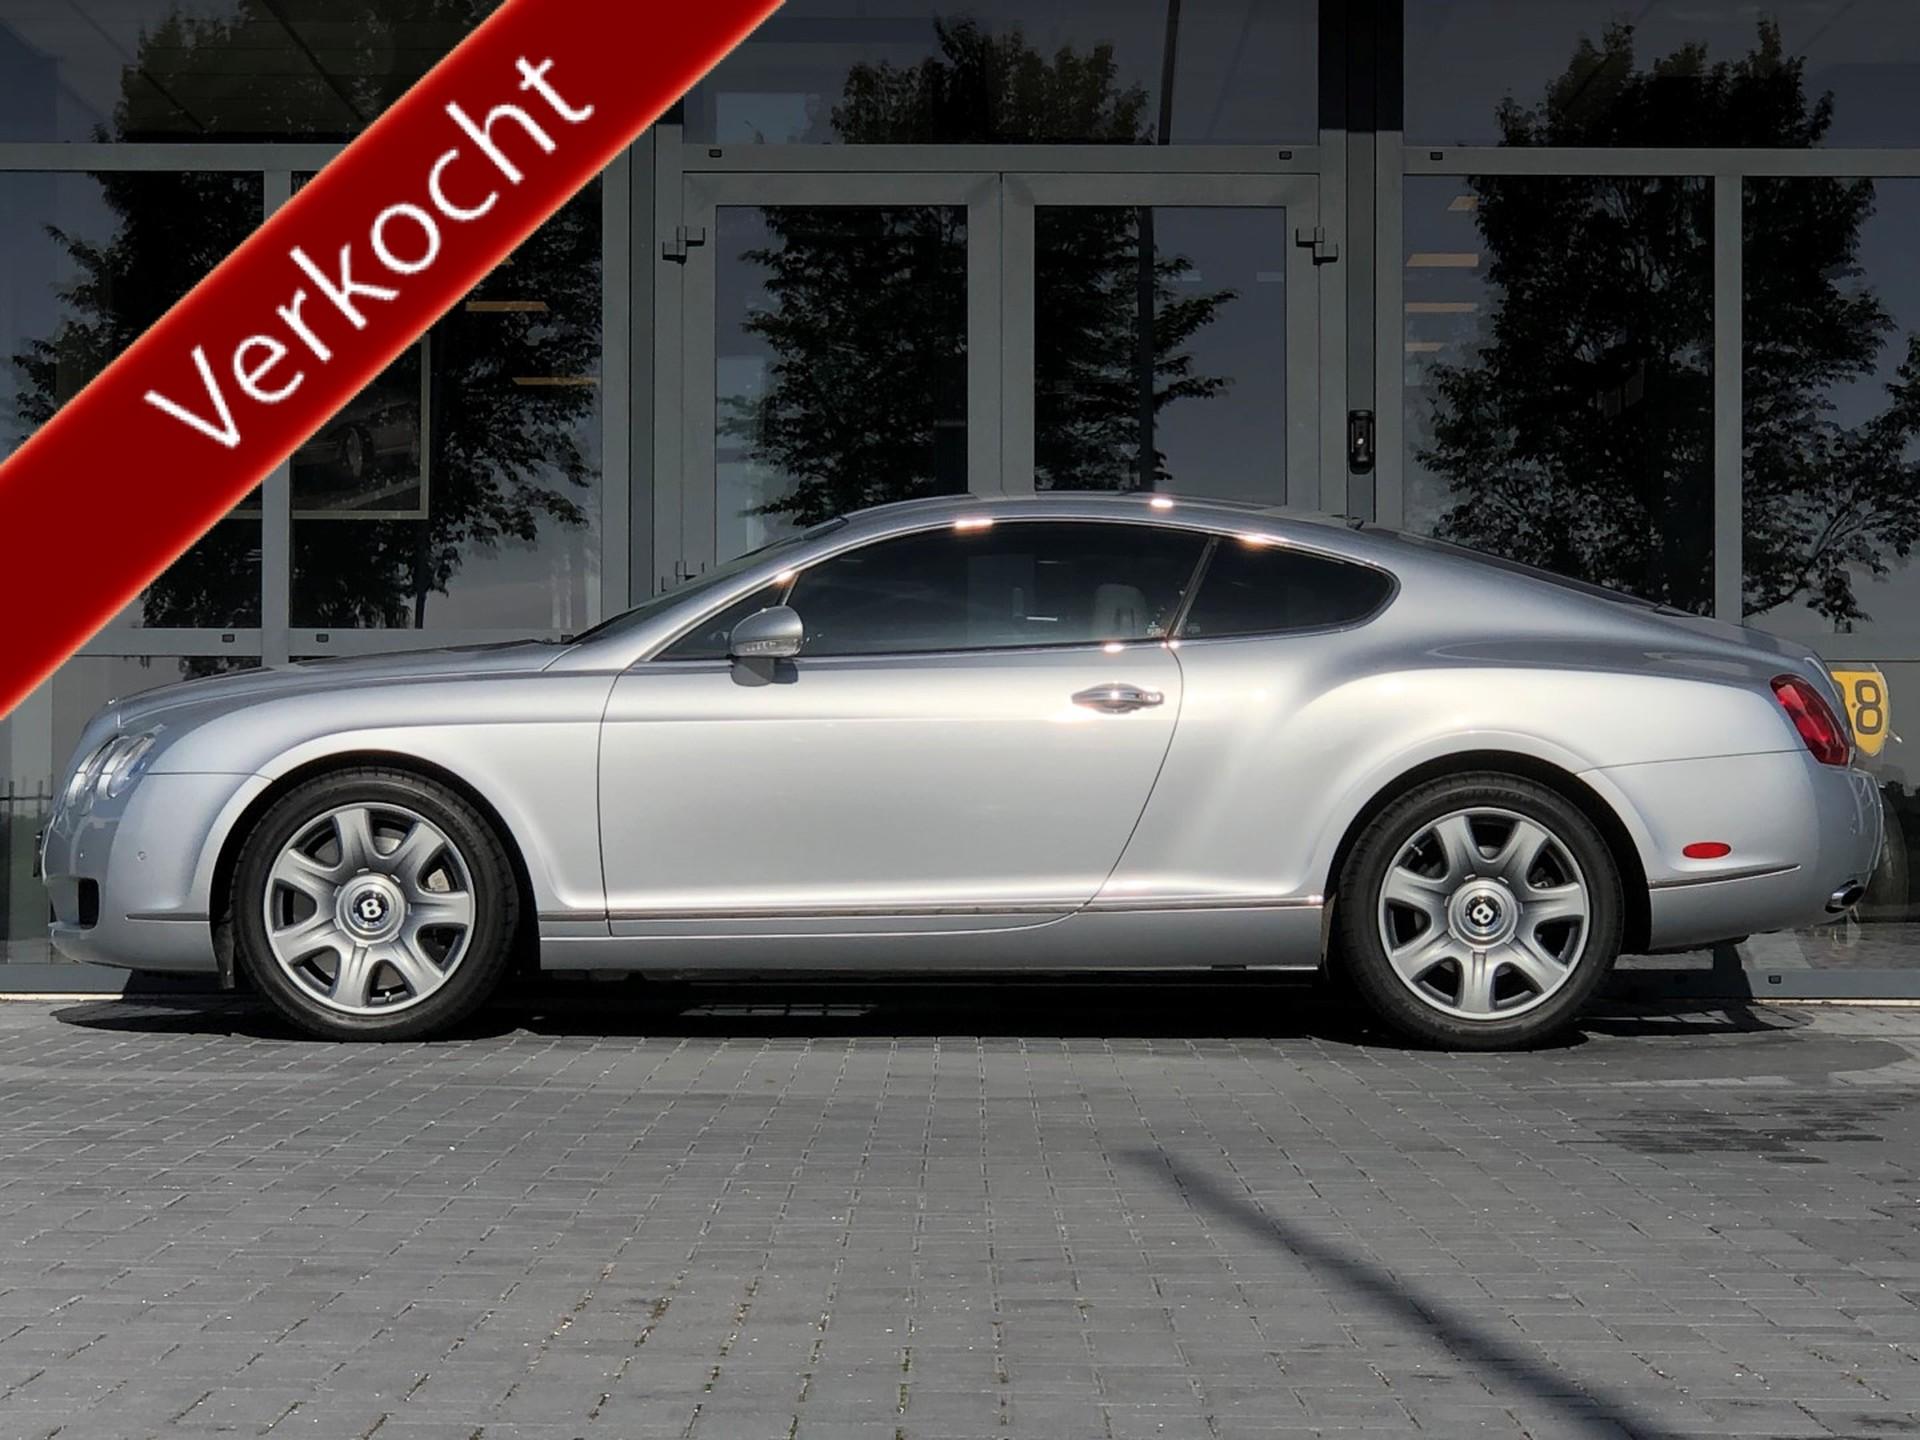 Bentley-Continental GT-6.0 W12 Dealer onderhouden, Navi, ECC, Bleutooth !!!-Auto Jonkman Berlikum